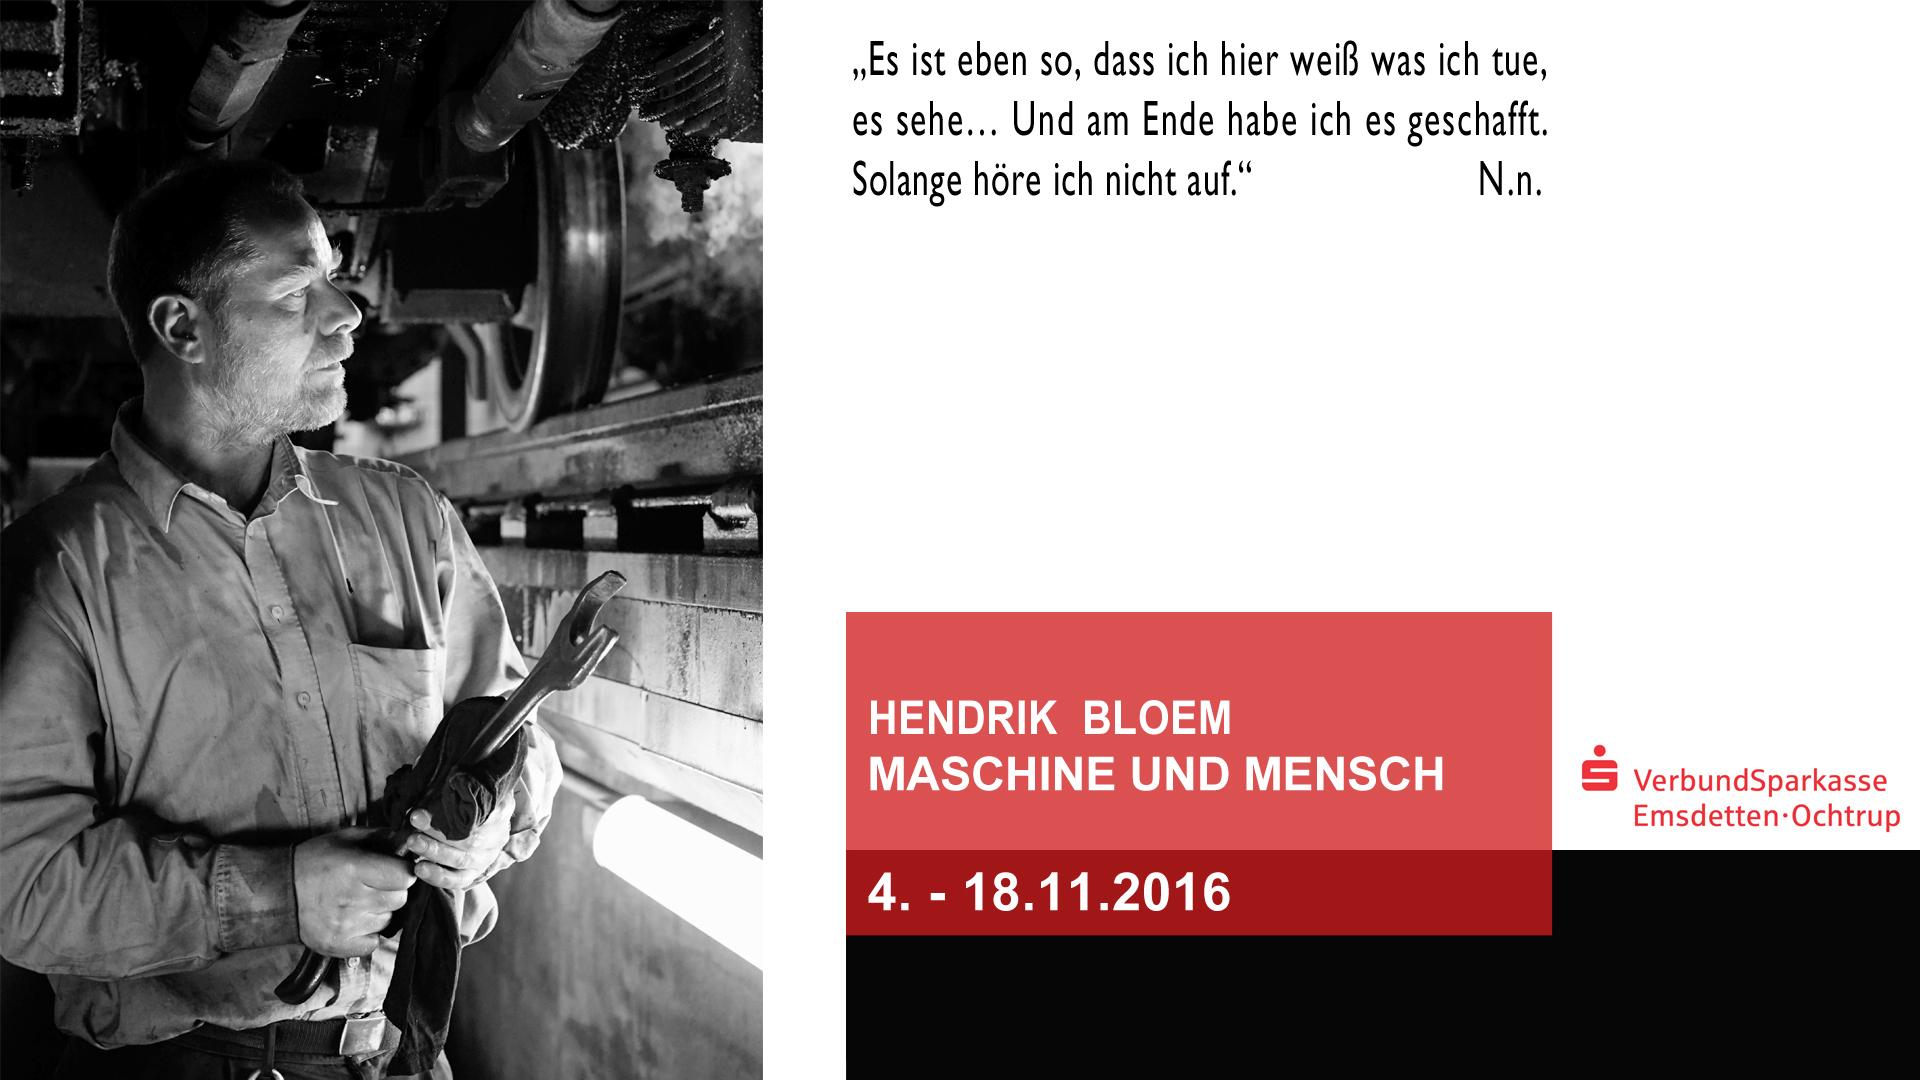 maschine-und-mensch_emsdetten_2-2016